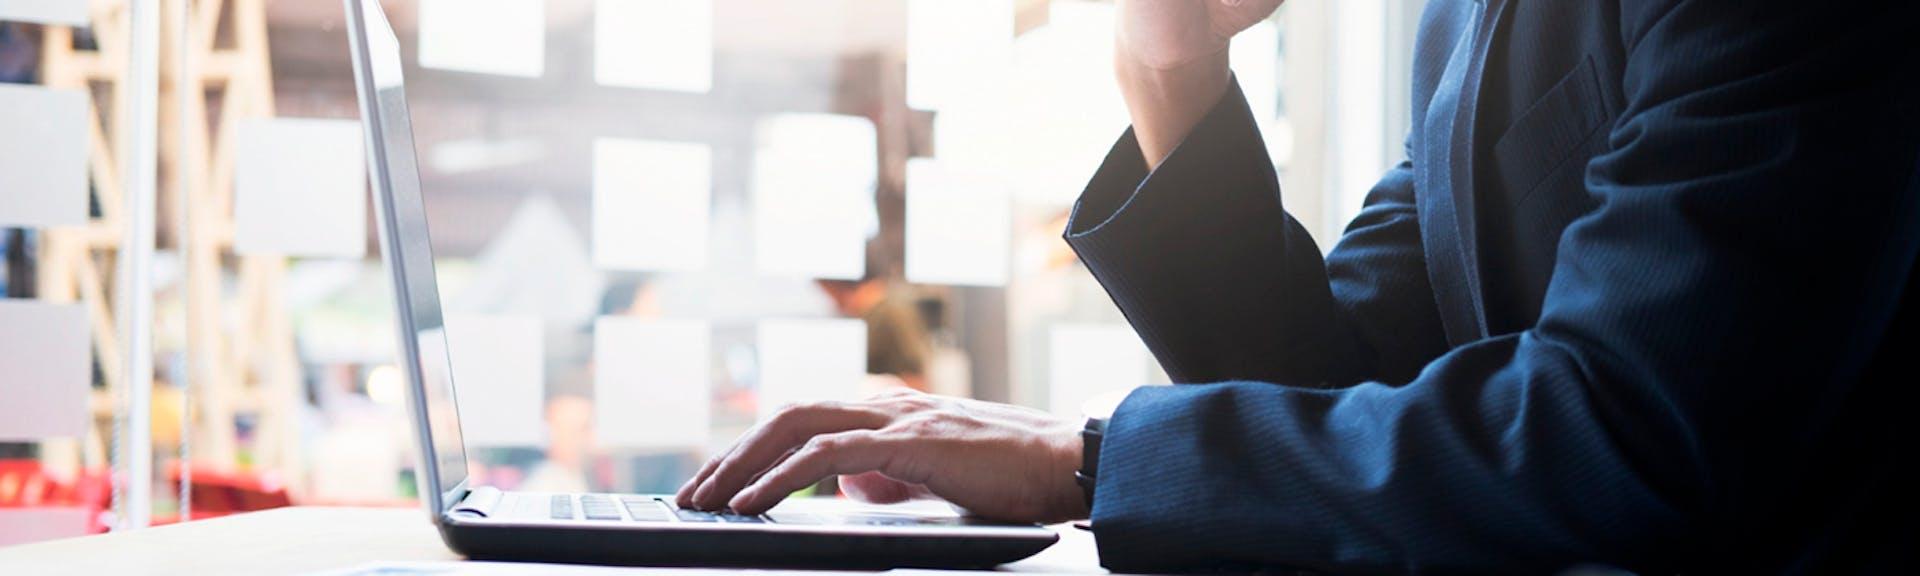 ¿Qué es Excel y para qué sirve? El programa must-have para el mundo laboral